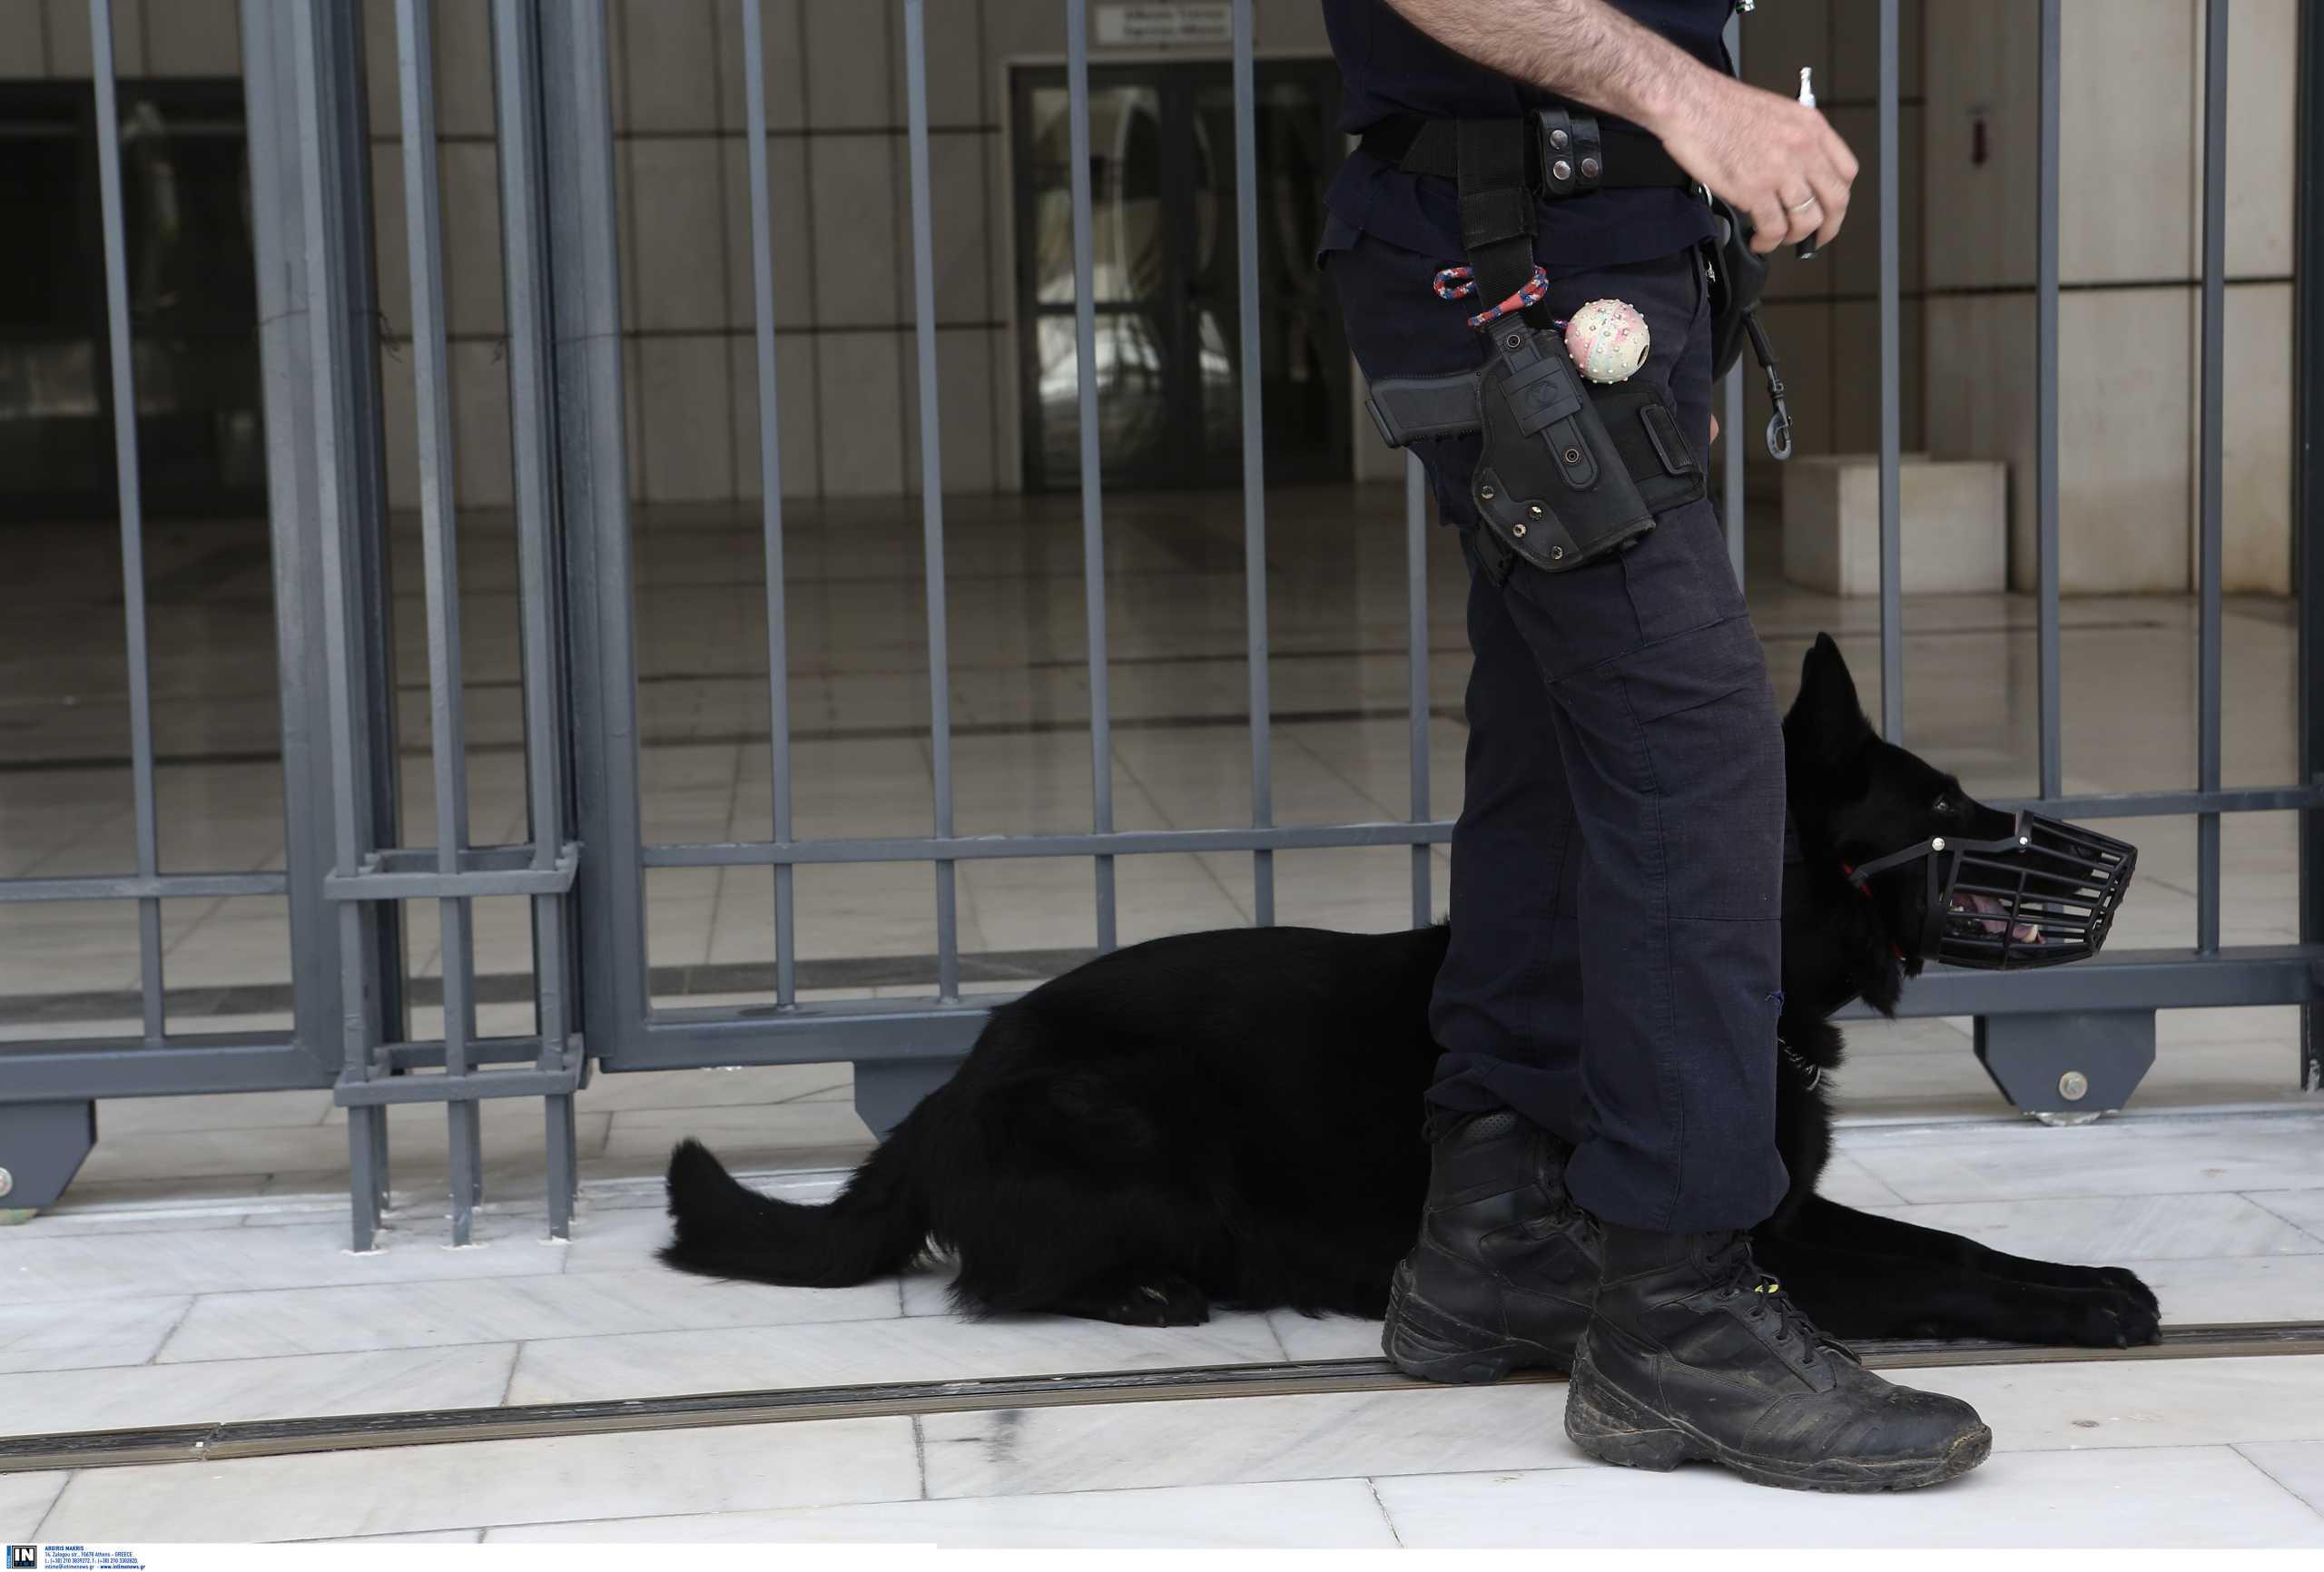 Κορονοϊός: Εκπαιδευμένοι σκύλοι μυρίζουν… άπλυτες κάλτσες και εντοπίζουν όσους έχουν μολυνθεί!